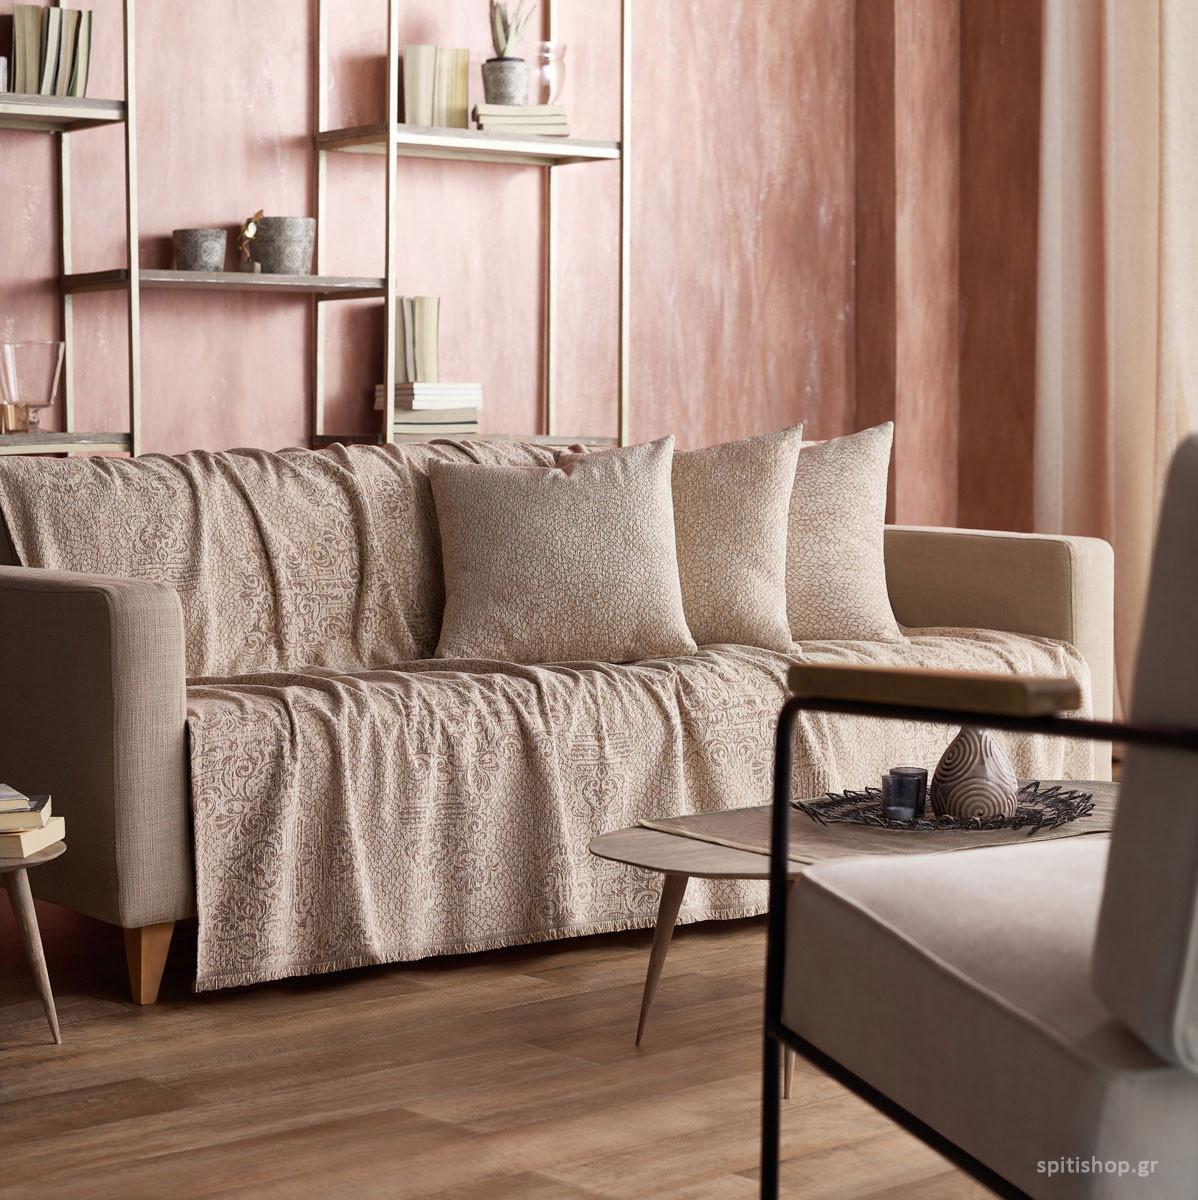 Ριχτάρι Διθέσιου (180×250) Gofis Home Rustic Beige|Brown 948/06